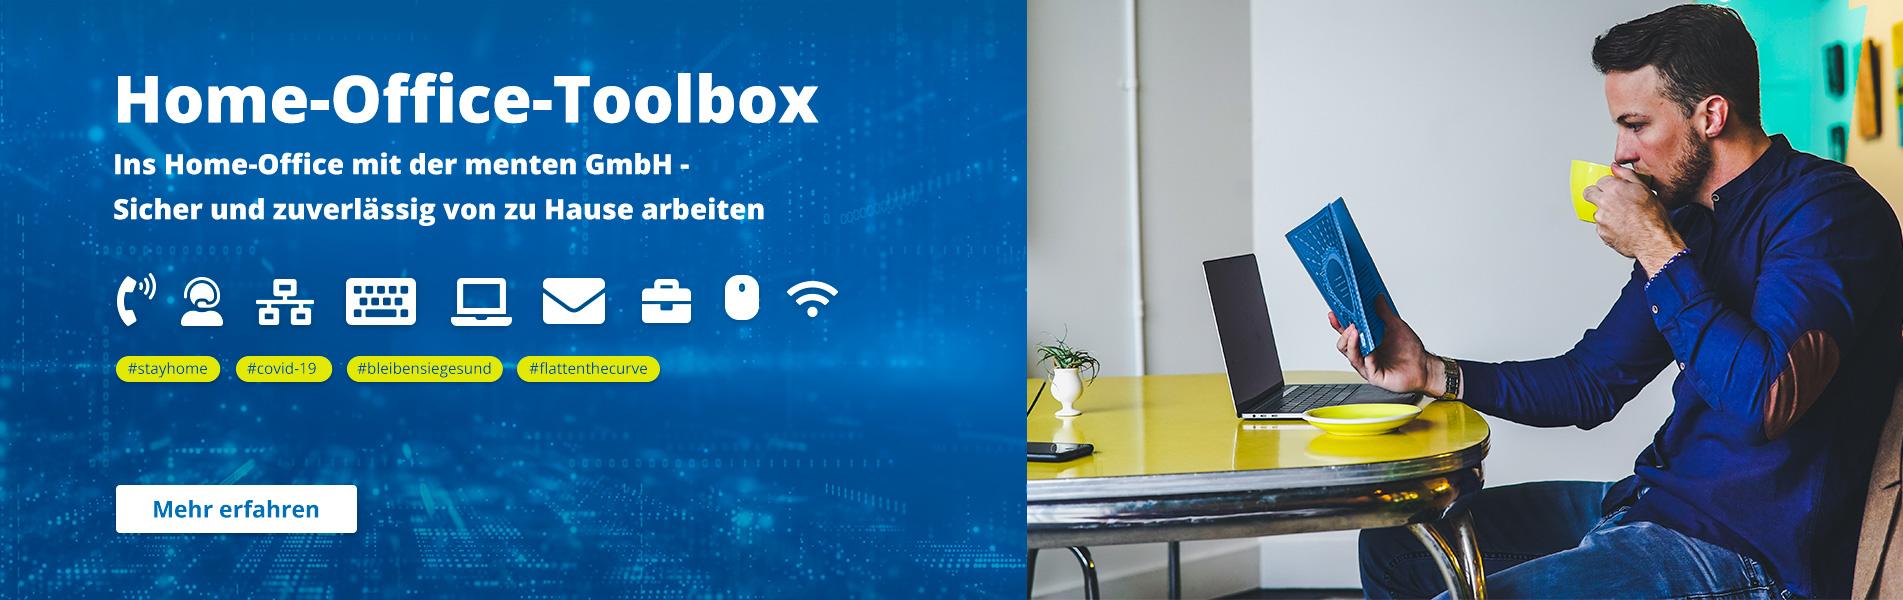 Mit menten GmbH ins Home Office